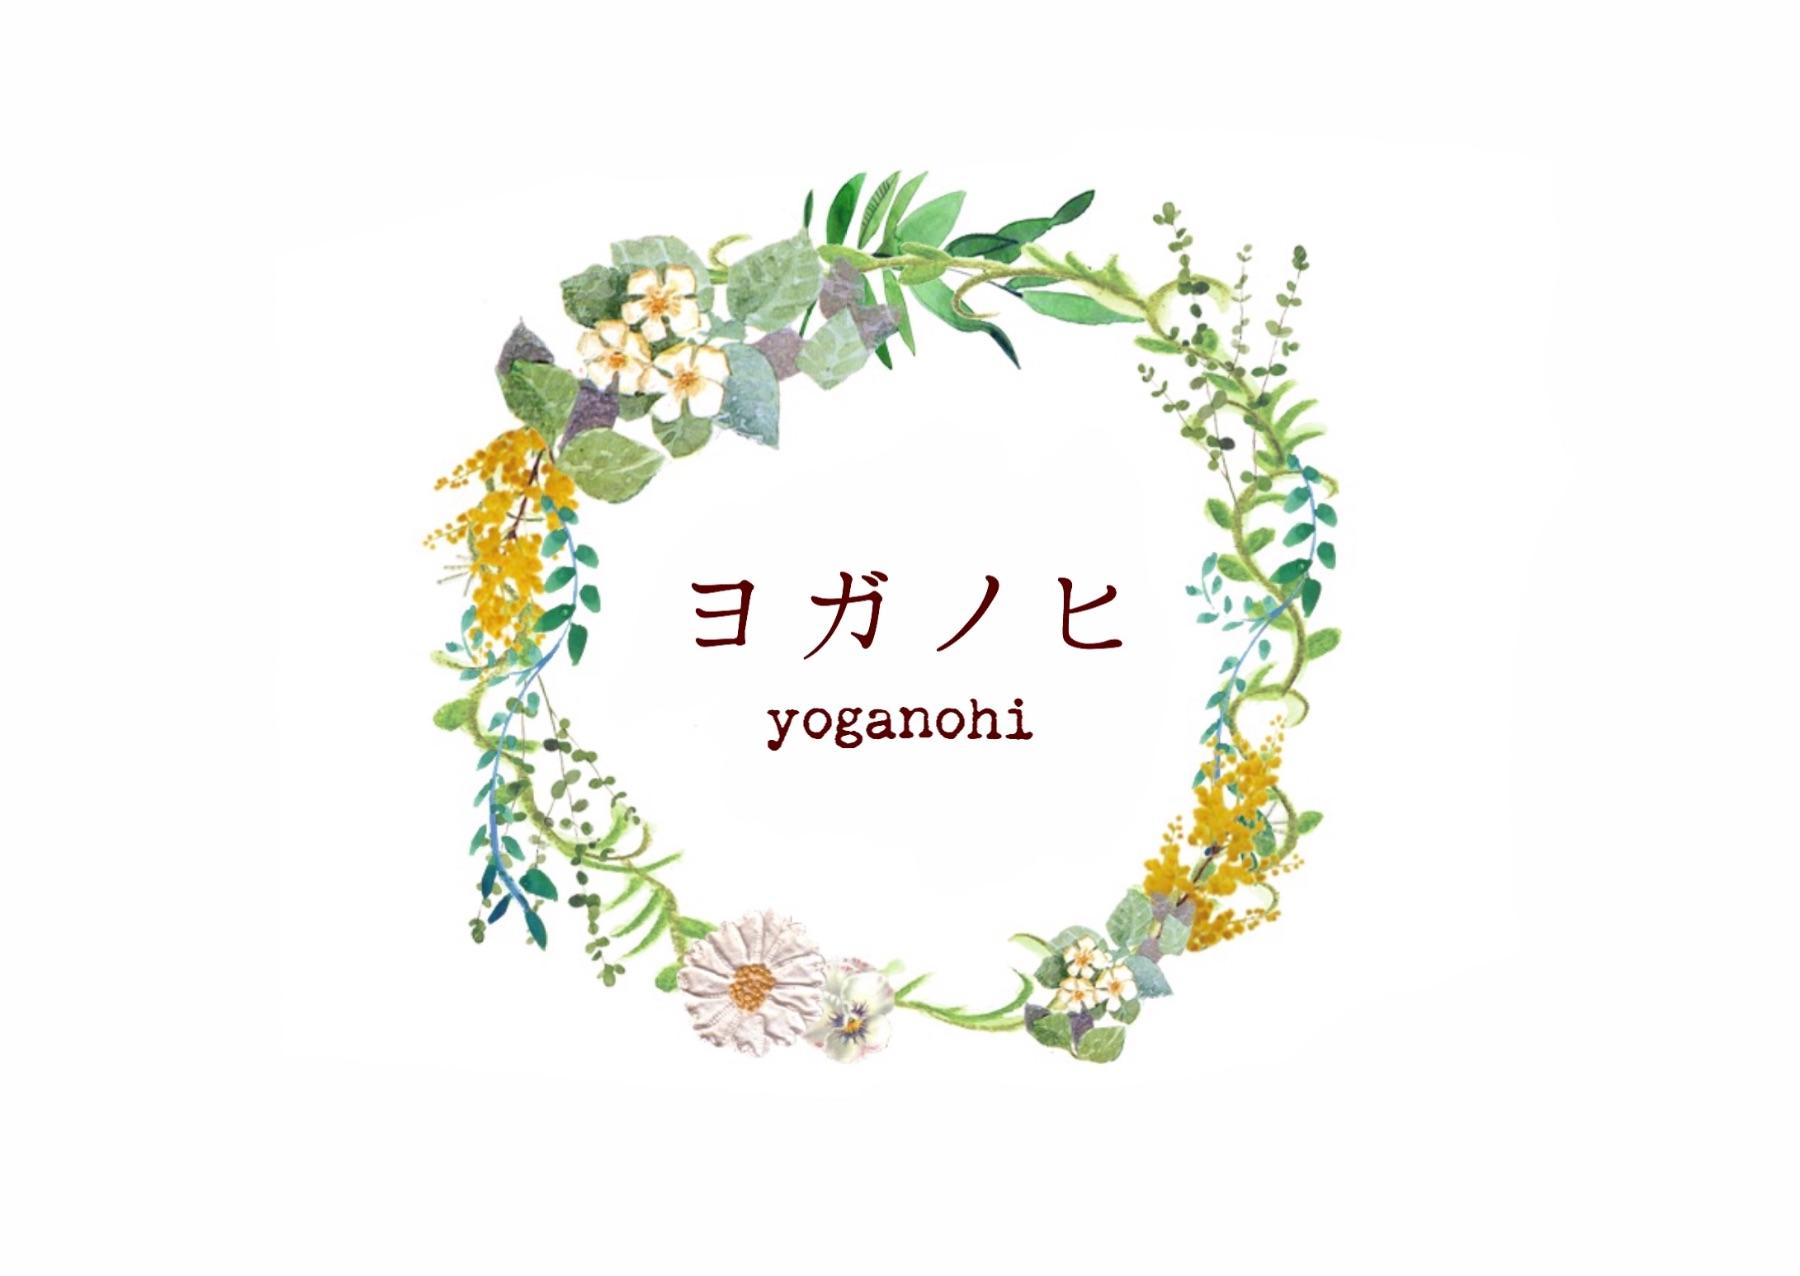 yoganohi